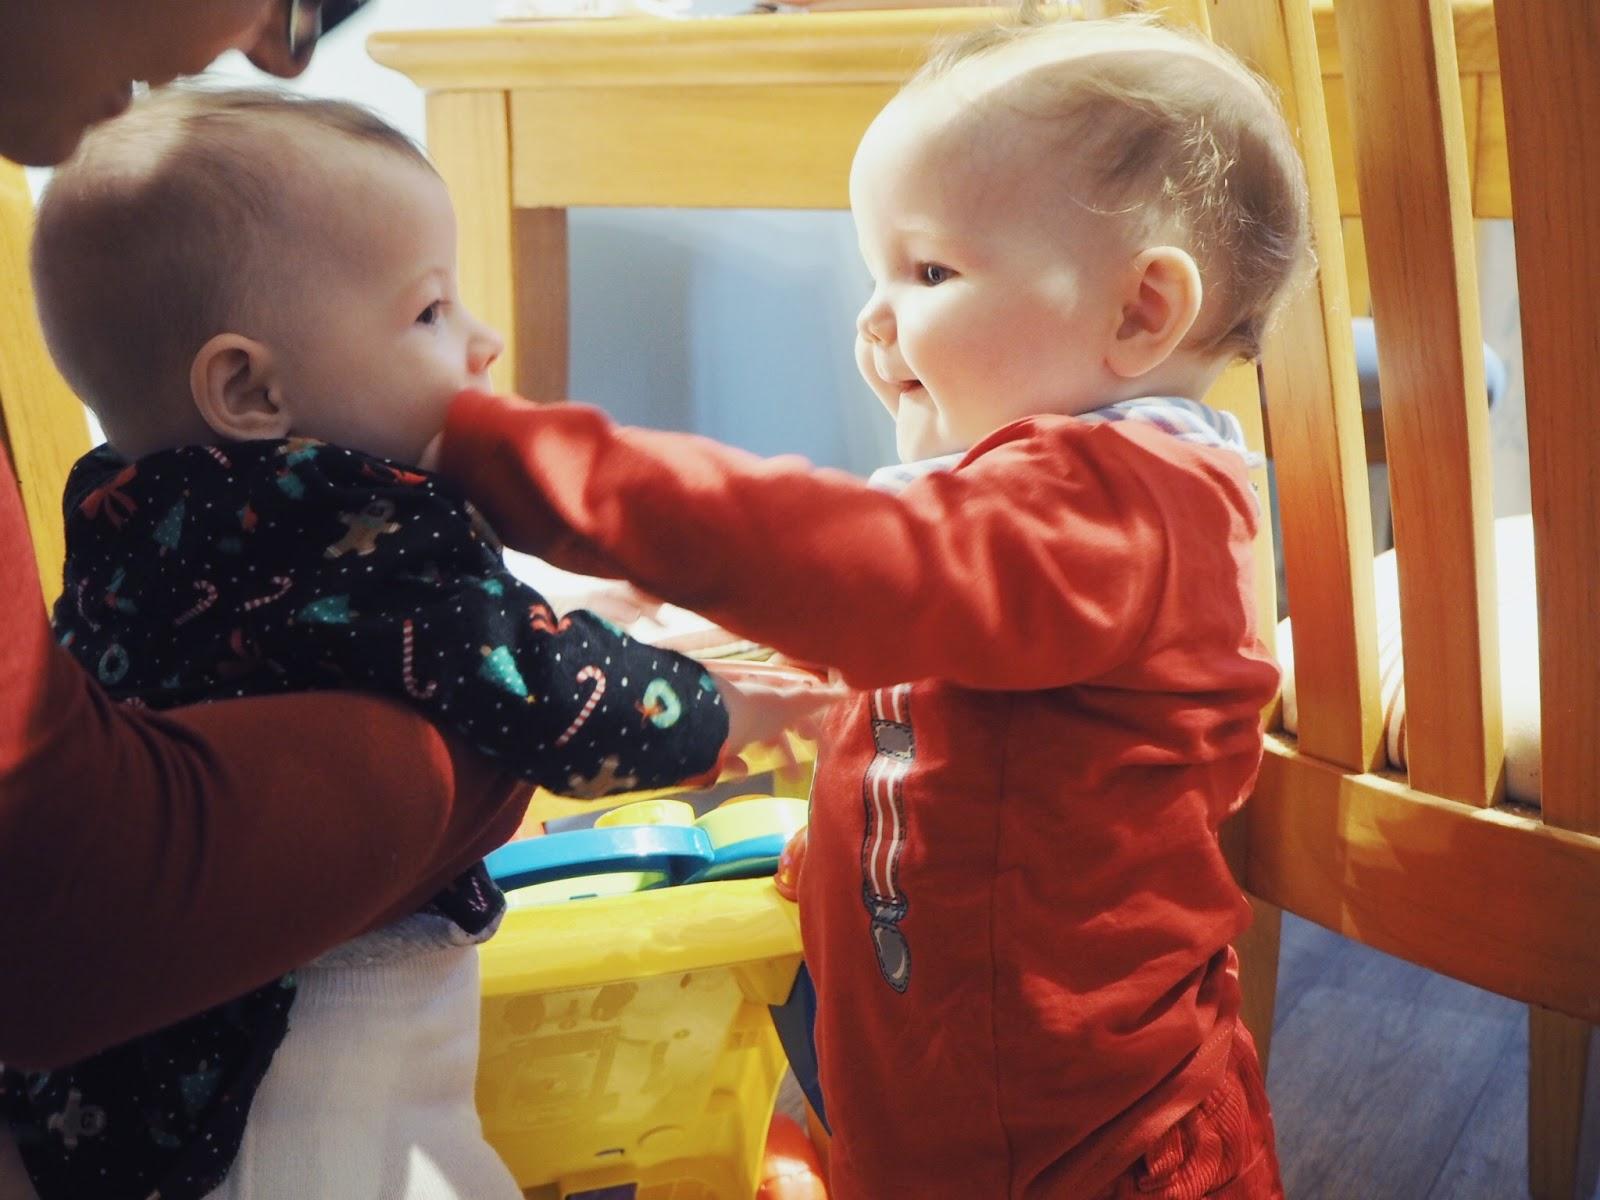 TYLER IS 11 MONTHS OLD | Love, Maisie | www.lovemaisie.com